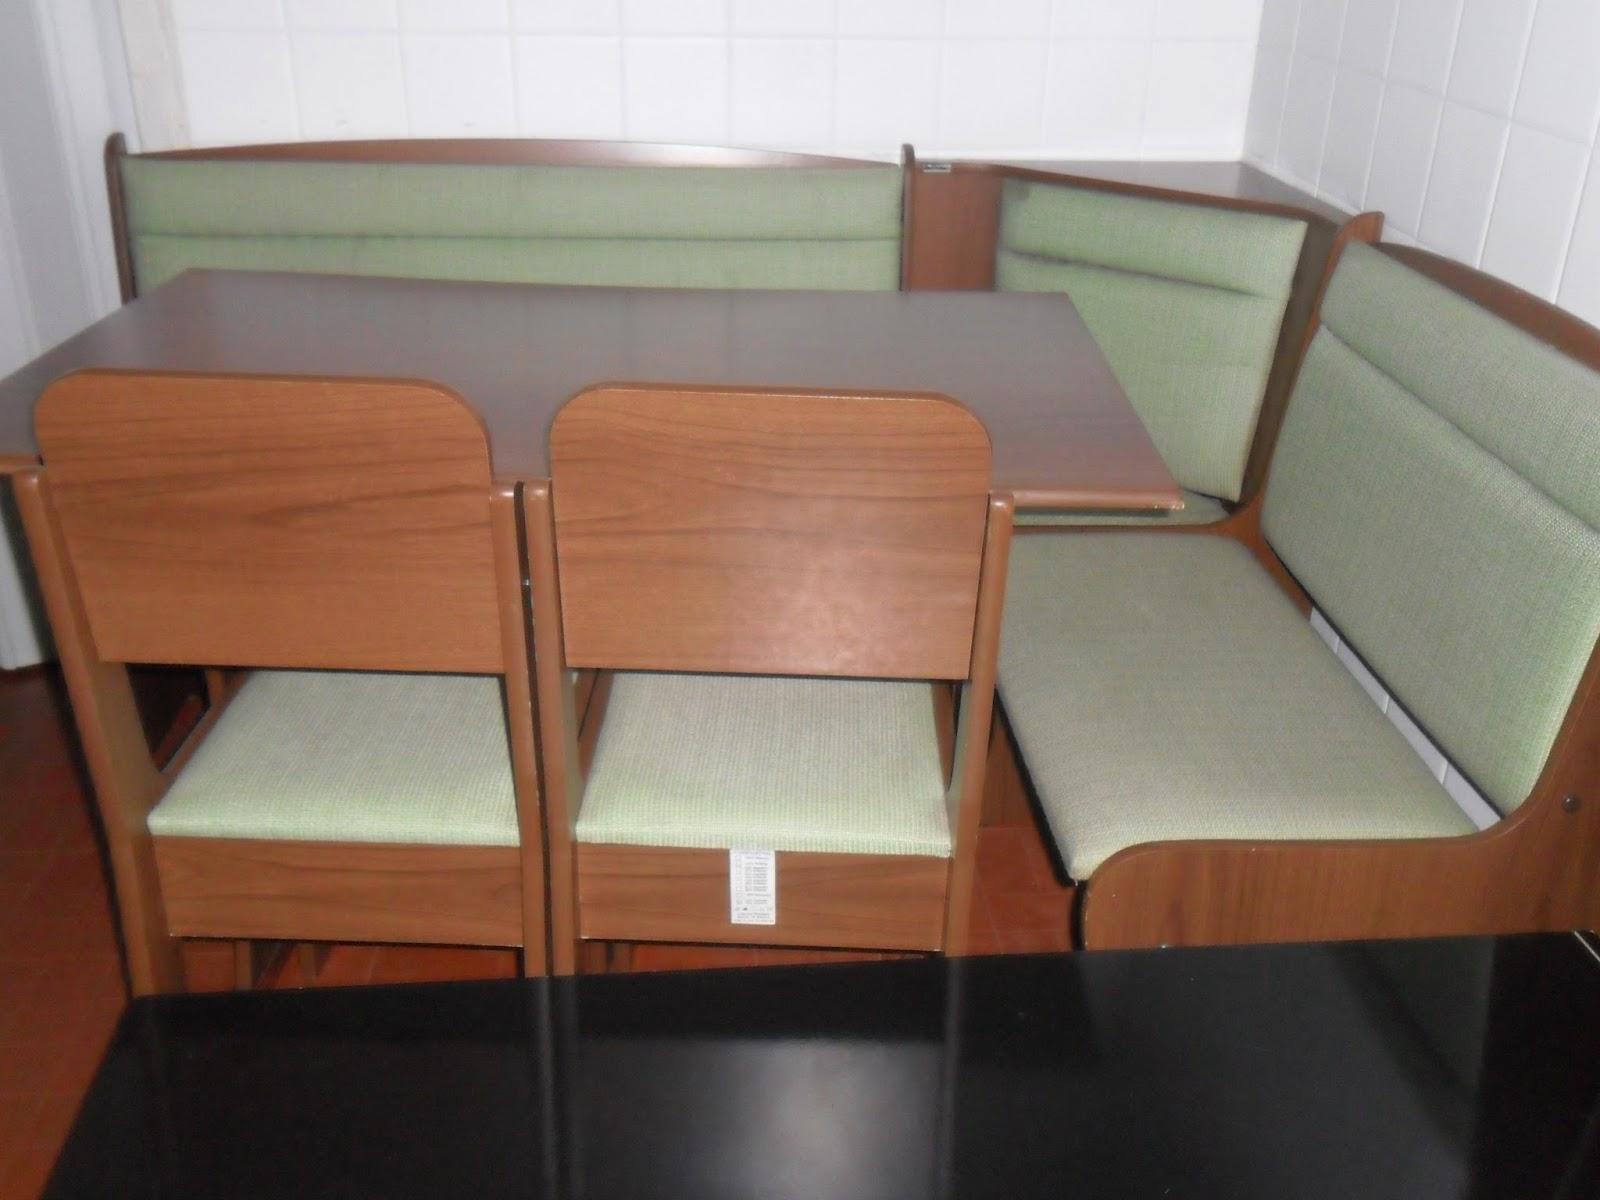 de móveis: CL0033 Moveis Usados em Barão Geraldo Mesa canto #76422A 1600x1200